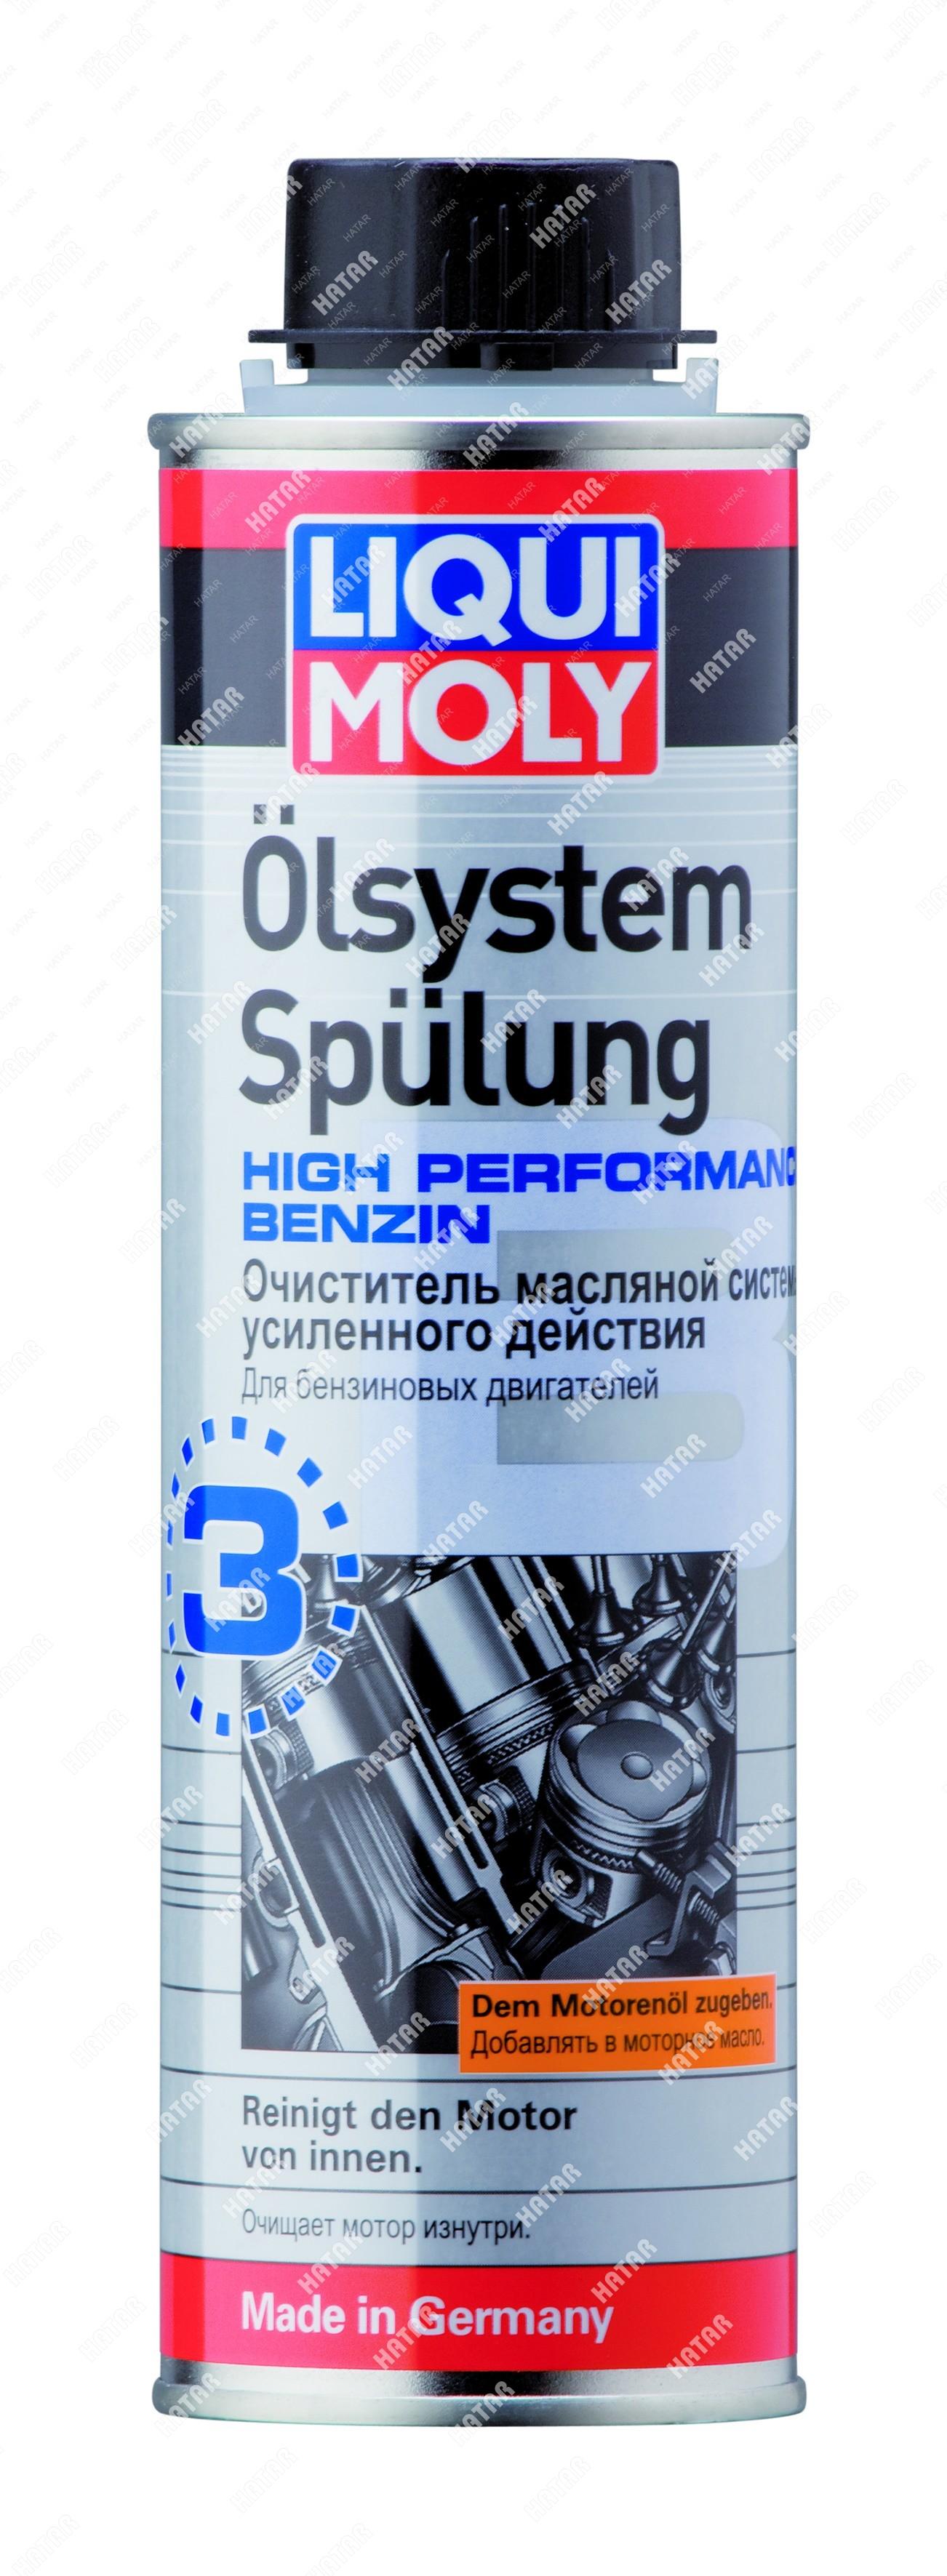 LIQUI MOLY Очиститель масляной системы бензиновых двигателей oilsystem spulung